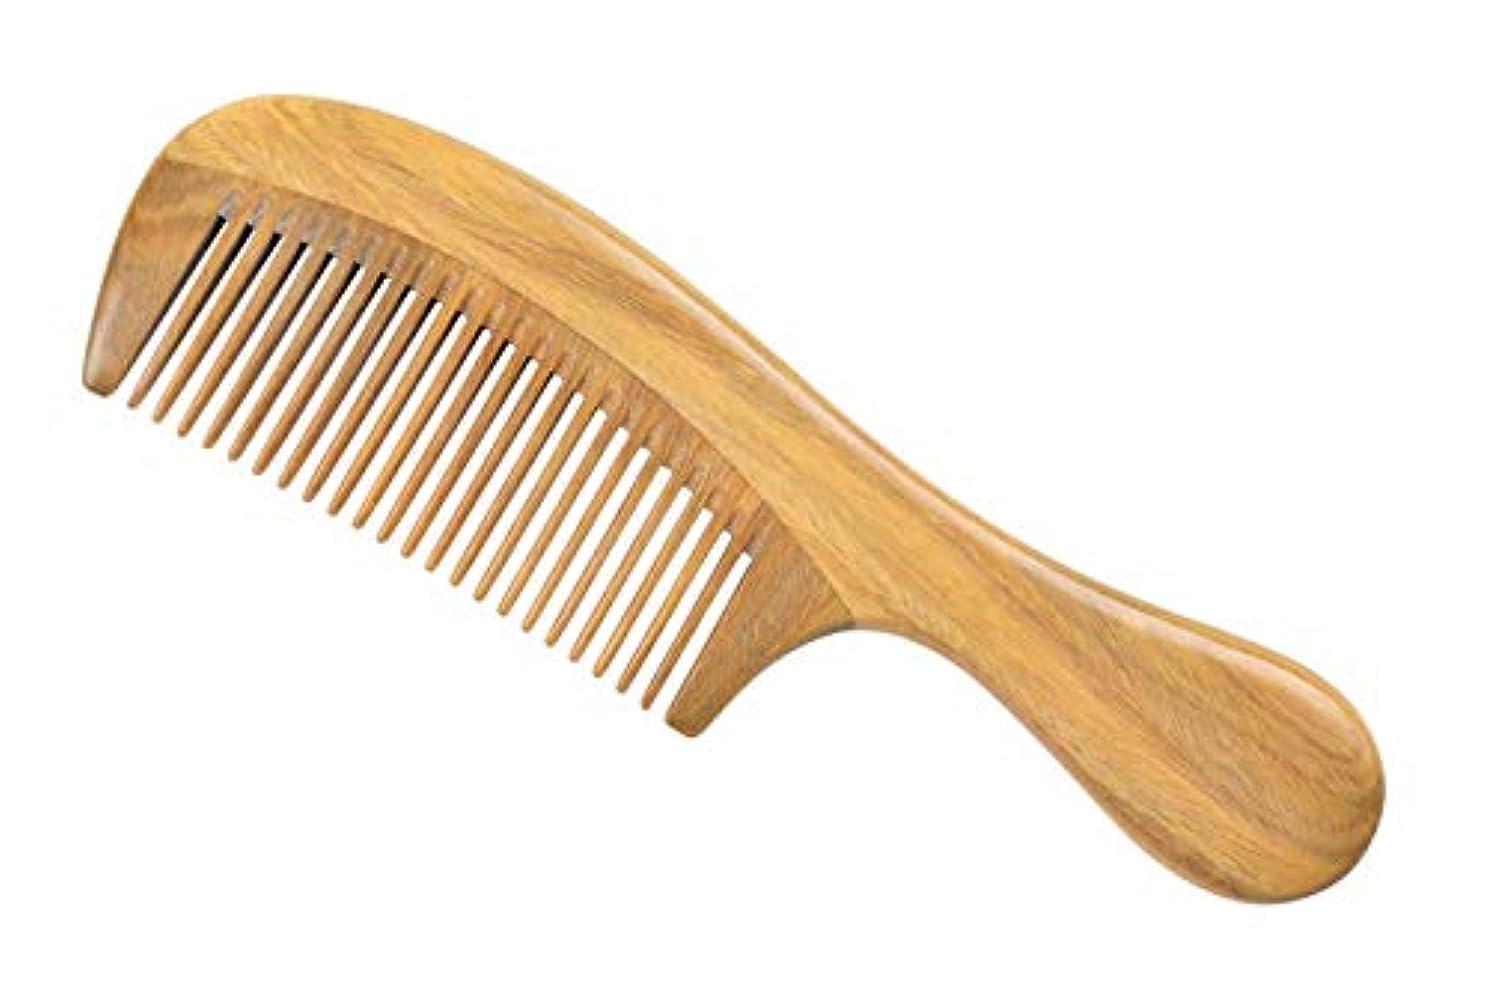 海システム子猫LWBTOSEE 櫛 ウッドコーム ファインティース ウッドコーム グリーンサンダルウッド アンチスタティック 女性 男性 女の子 ヘアコーム 太くて 波打ち 波打つ髪